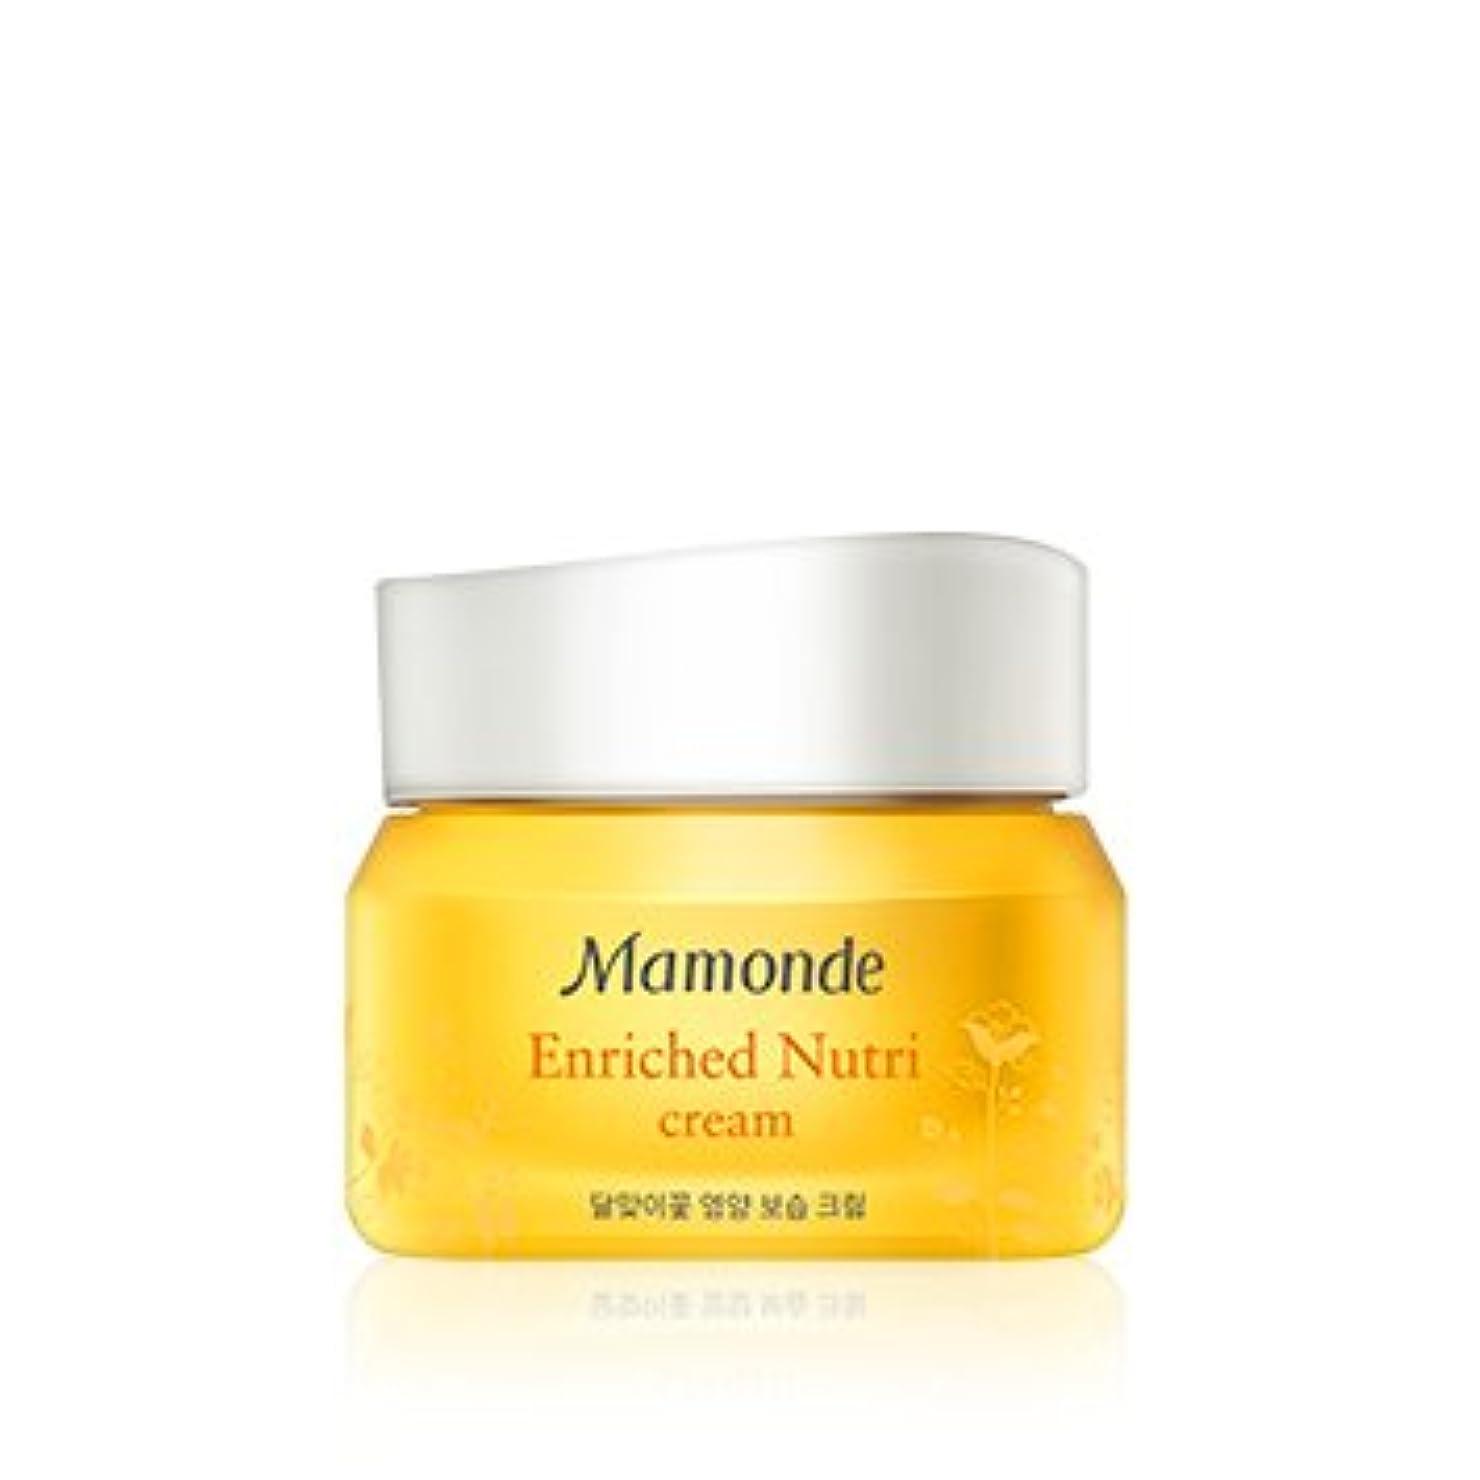 許可ひも列車[New] Mamonde Enriched Nutri Cream 50ml/マモンド エンリッチド ニュートリ クリーム 50ml [並行輸入品]